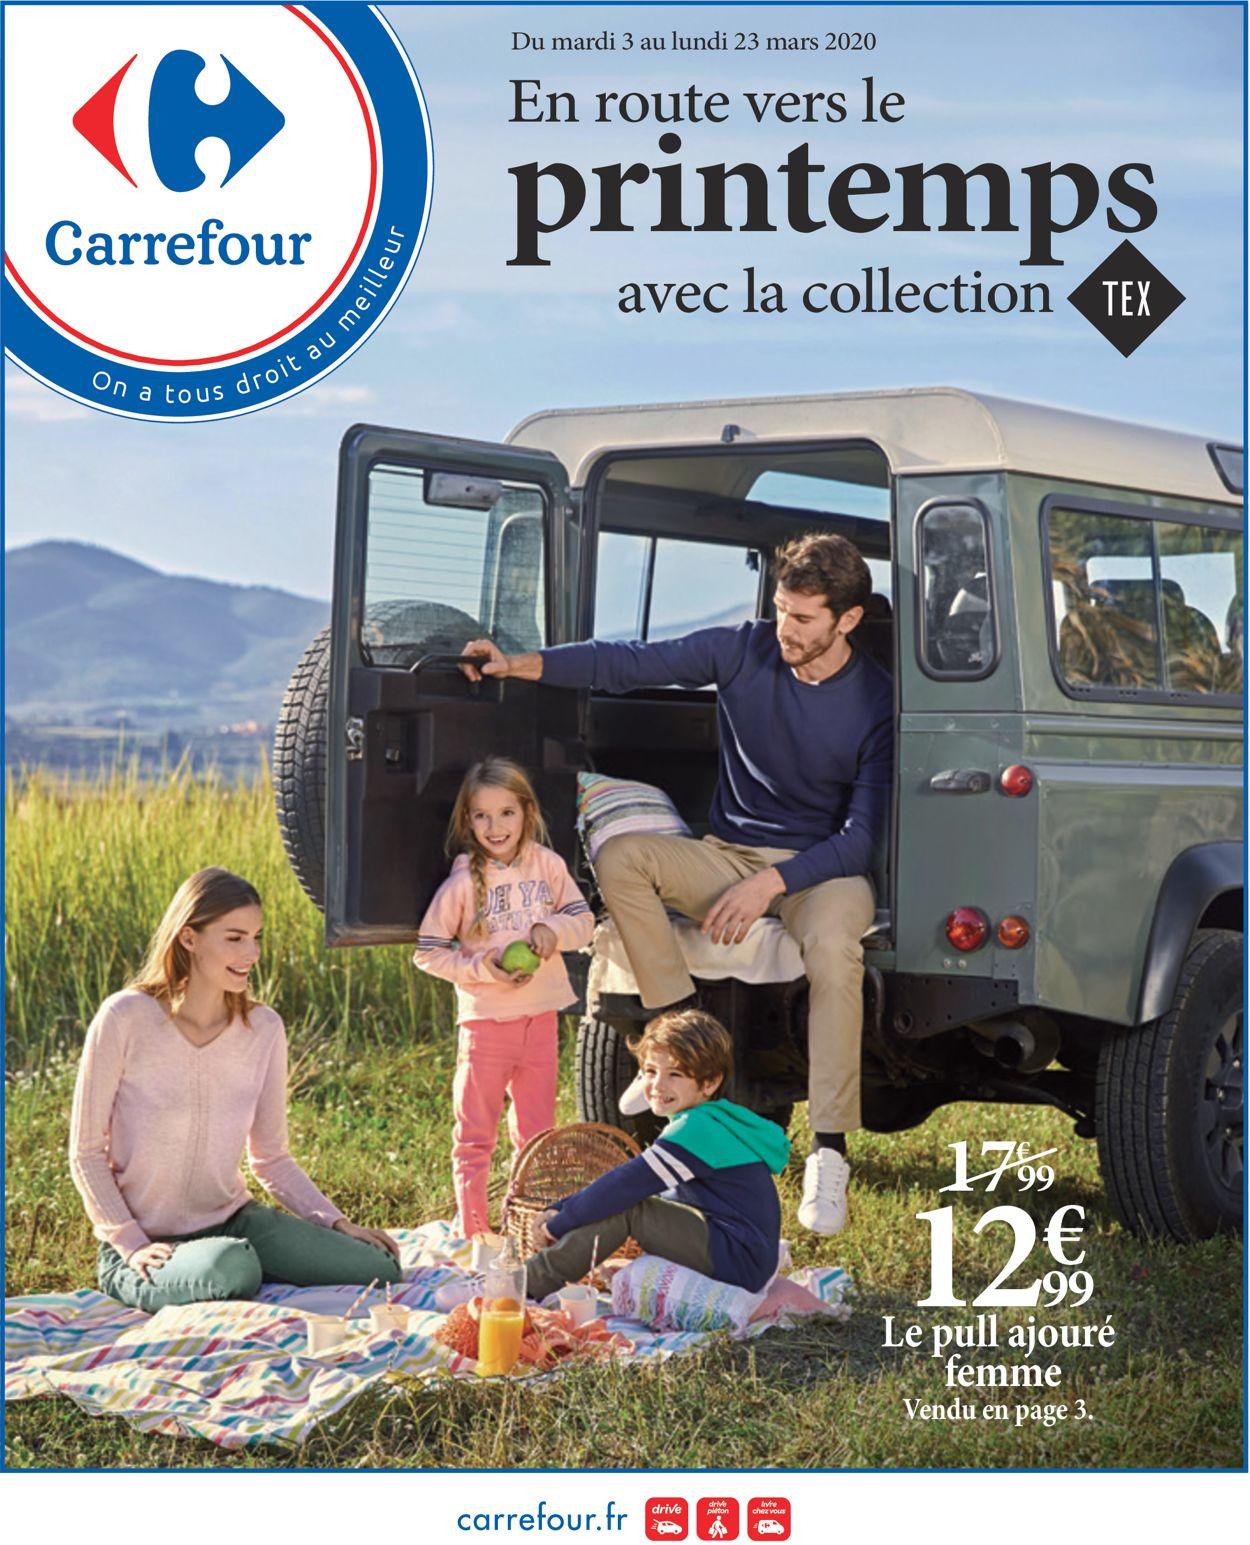 Carrefour Catalogue - 03.03-23.03.2020